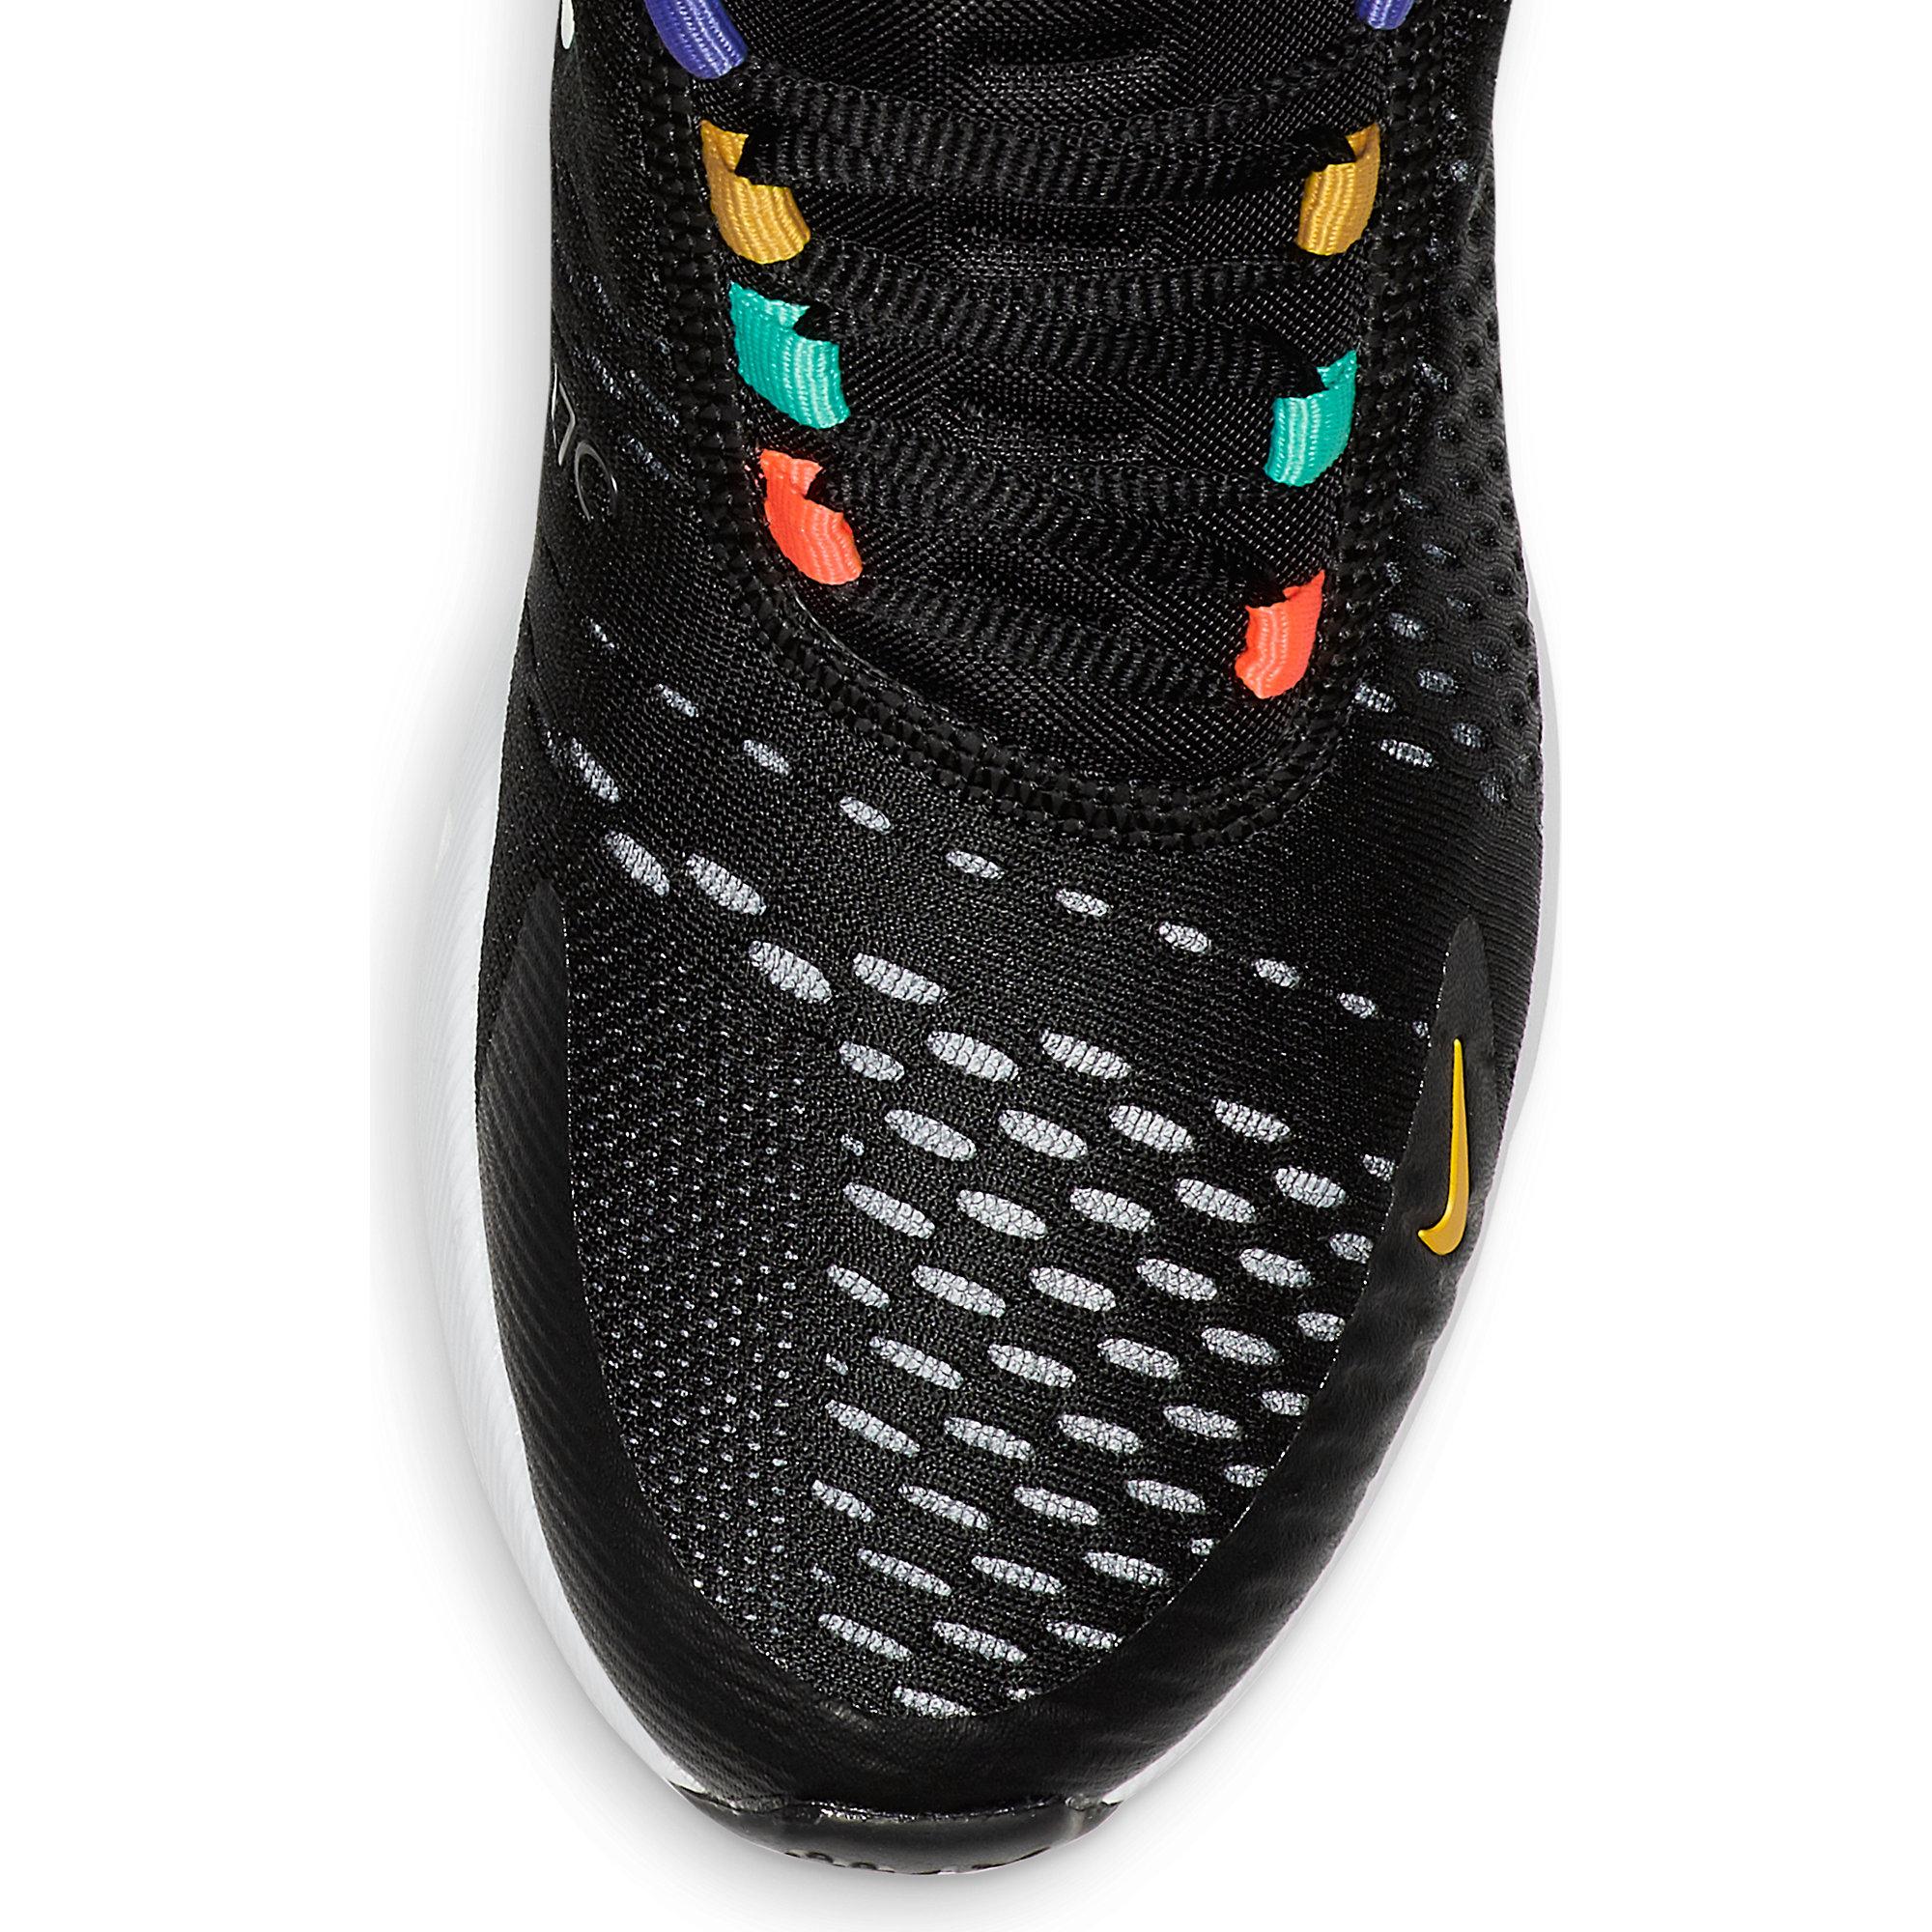 2019 Nike Air Max 270 Nike Air Max 270 49 Black Gold 40 45